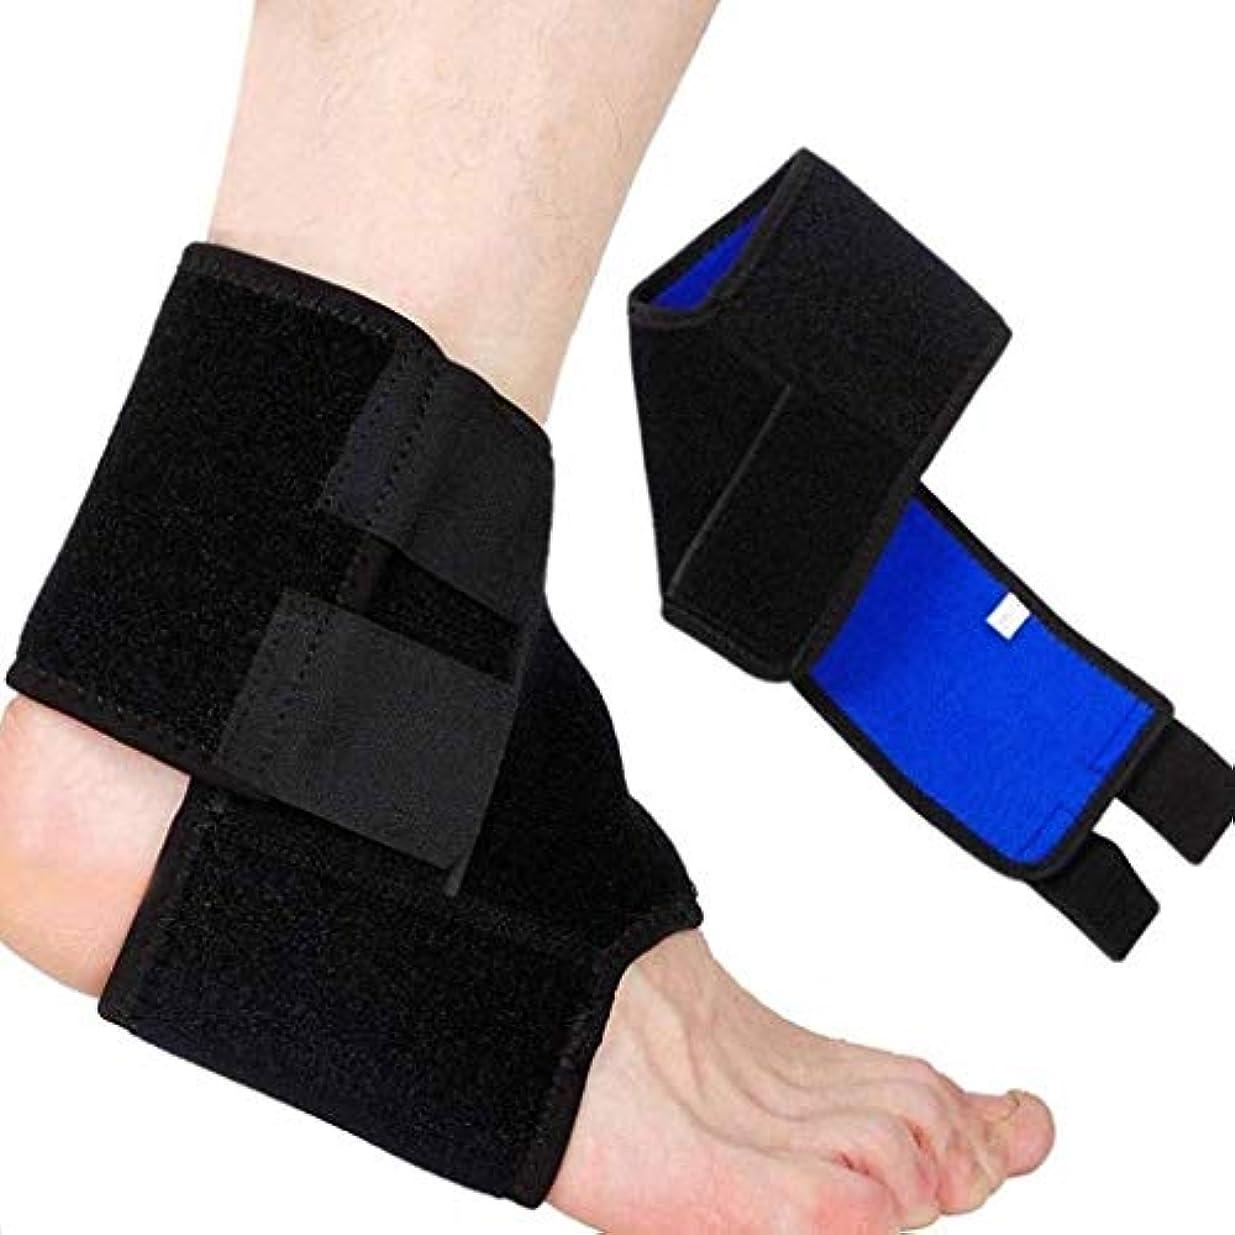 従事した蛇行始まり足首サポート、足首ブレース通気性ナイロン弾性素材スポーツ用足首ラップ、関節痛、捻rain疲労など